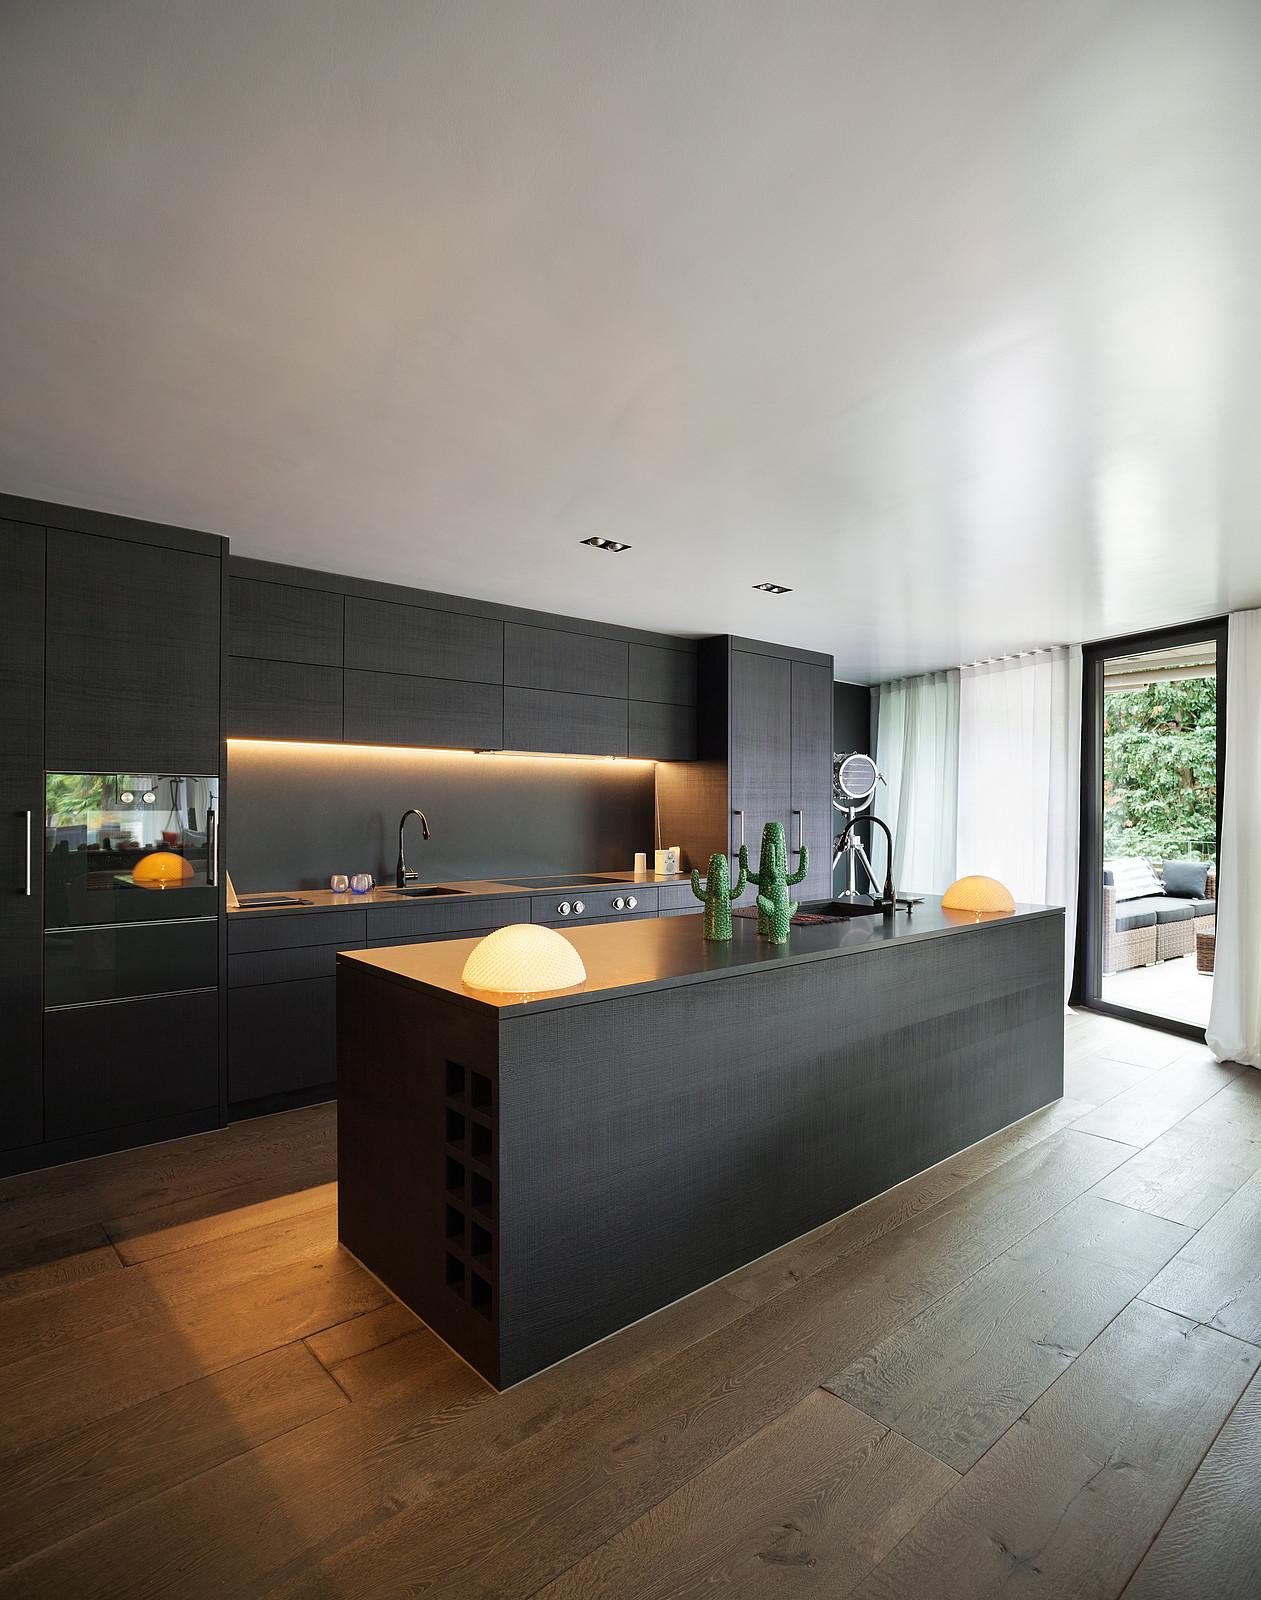 Full Size of Einbauküche Ohne Kühlschrank Kaufen Komplettküche Kaufen Kleine Komplettküche Komplettküche Mit Elektrogeräten Küche Einbauküche Ohne Kühlschrank